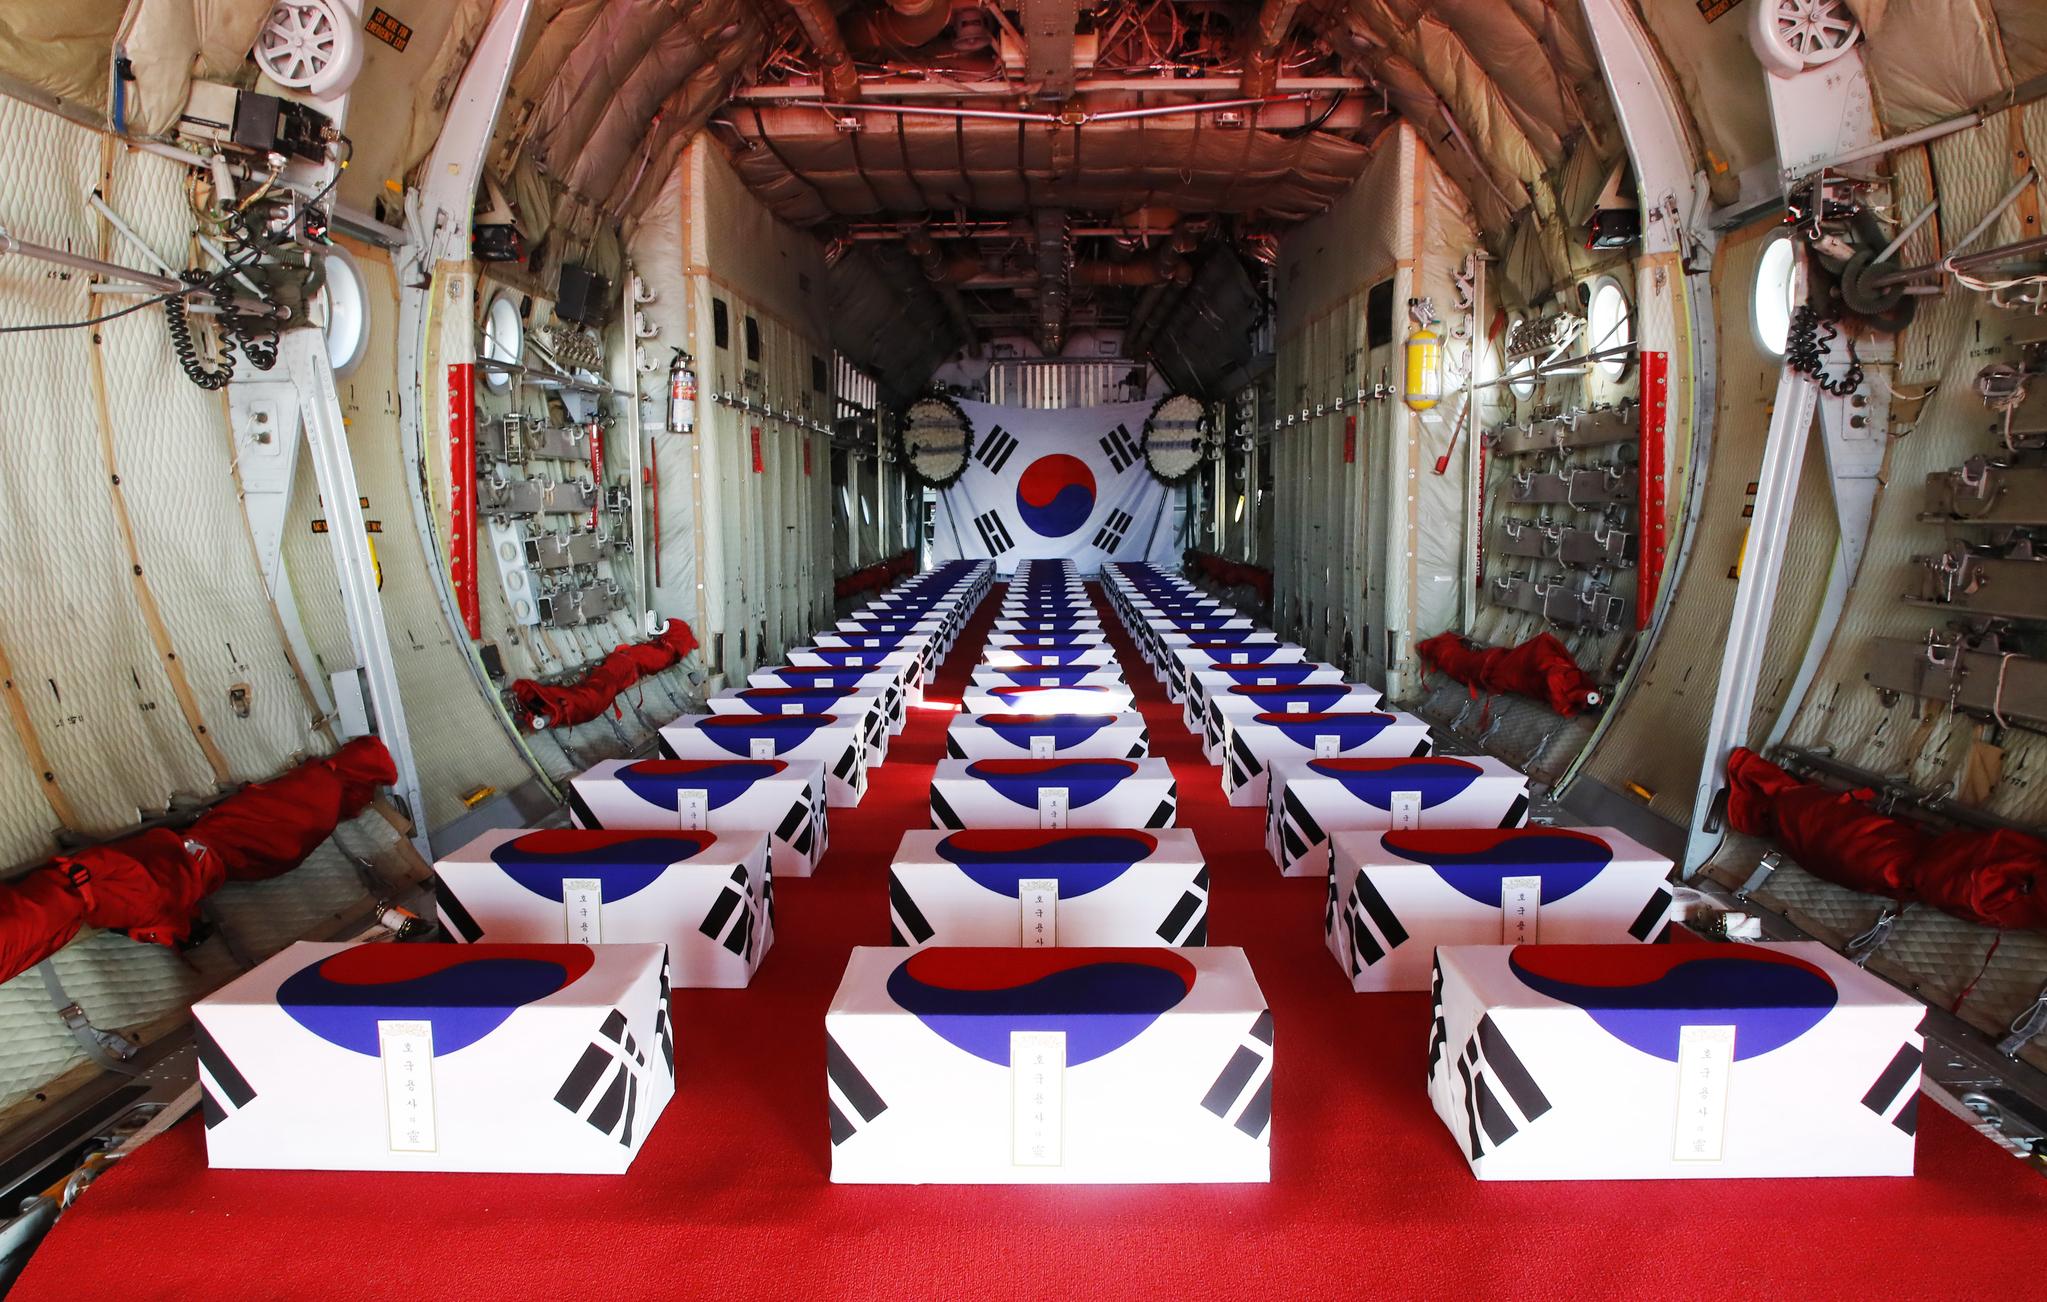 국군의 날인 1일 오전 서울공항에 1996년부터 2005년까지 북한의 함경남도 장진, 평안남도 개천지역 등에서 북미가 공동발굴한 6.25 참전 국군 유해 64위가 도착해 있다. [연합뉴스]